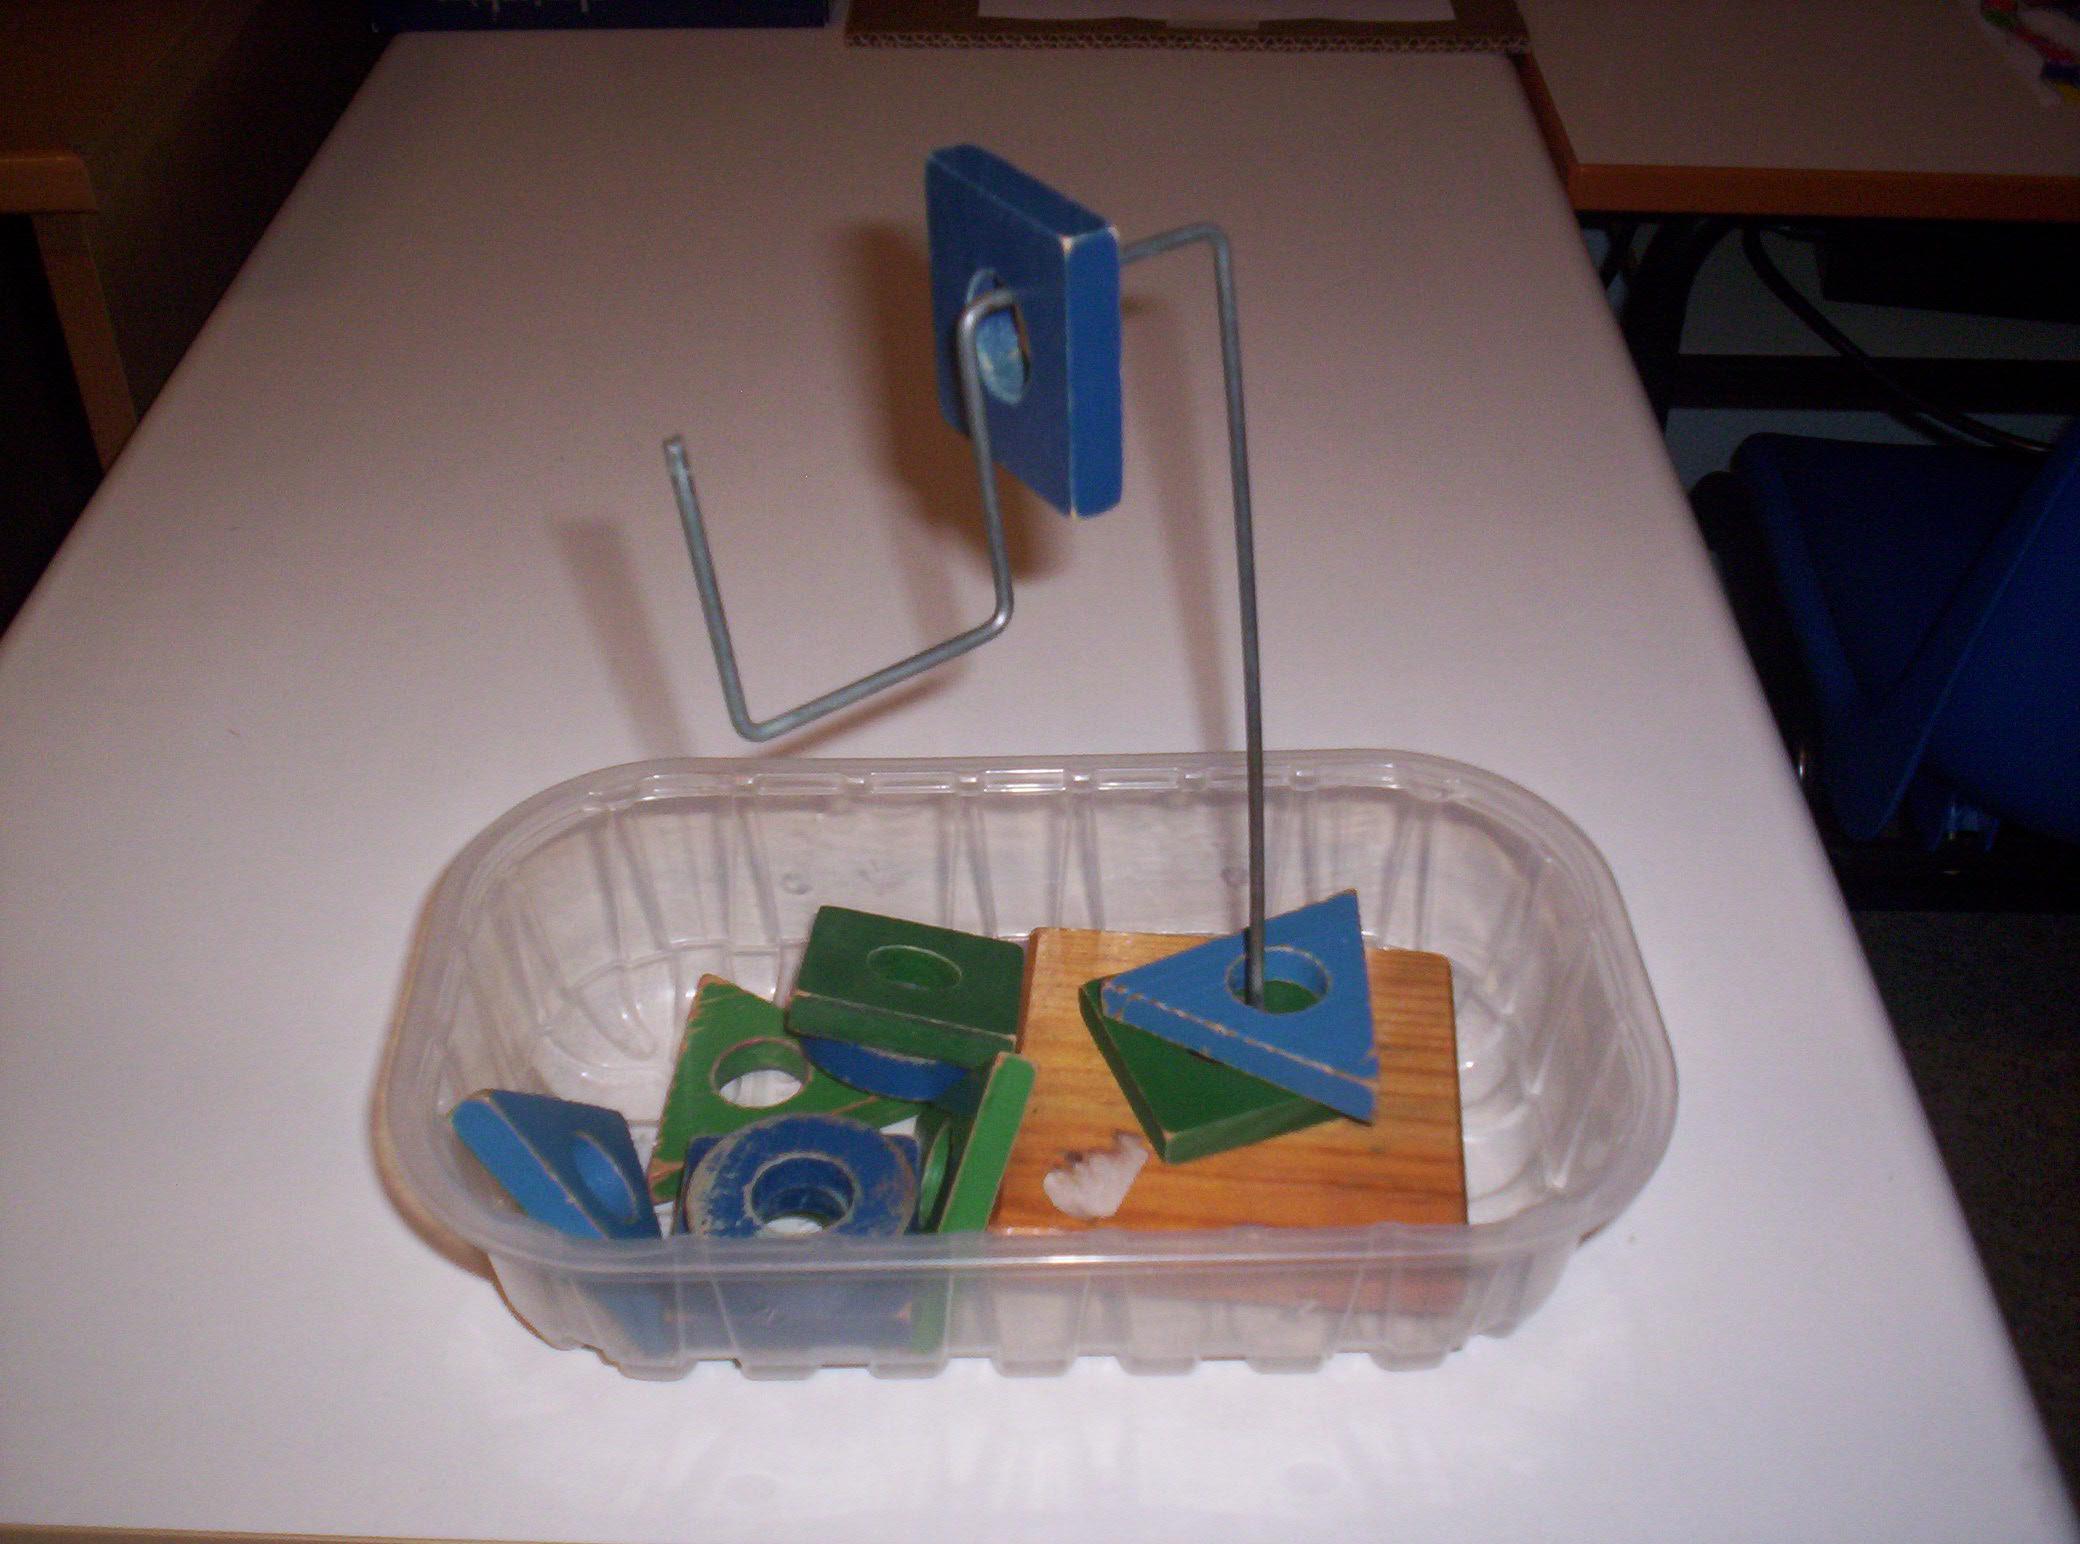 Vaschetta trasparente con forme di legno con un foro centrale e un ferro a forma di esse rovesciata con infilato un quadrato blu.